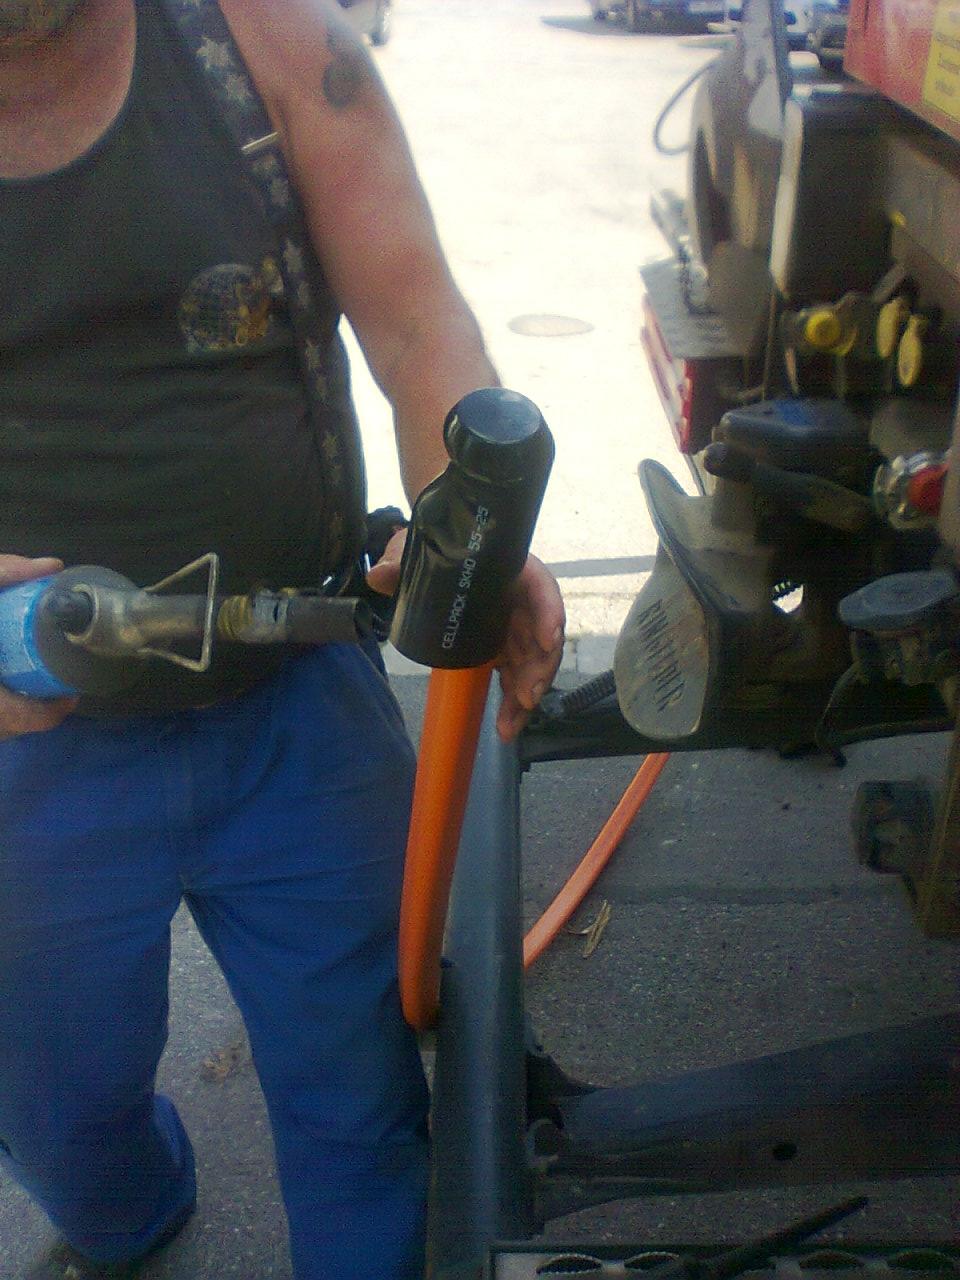 … oder Schrumpfkappen sind nicht geeignet für einen permanent erdverlegten Endabschluss eines Rohrverbandes